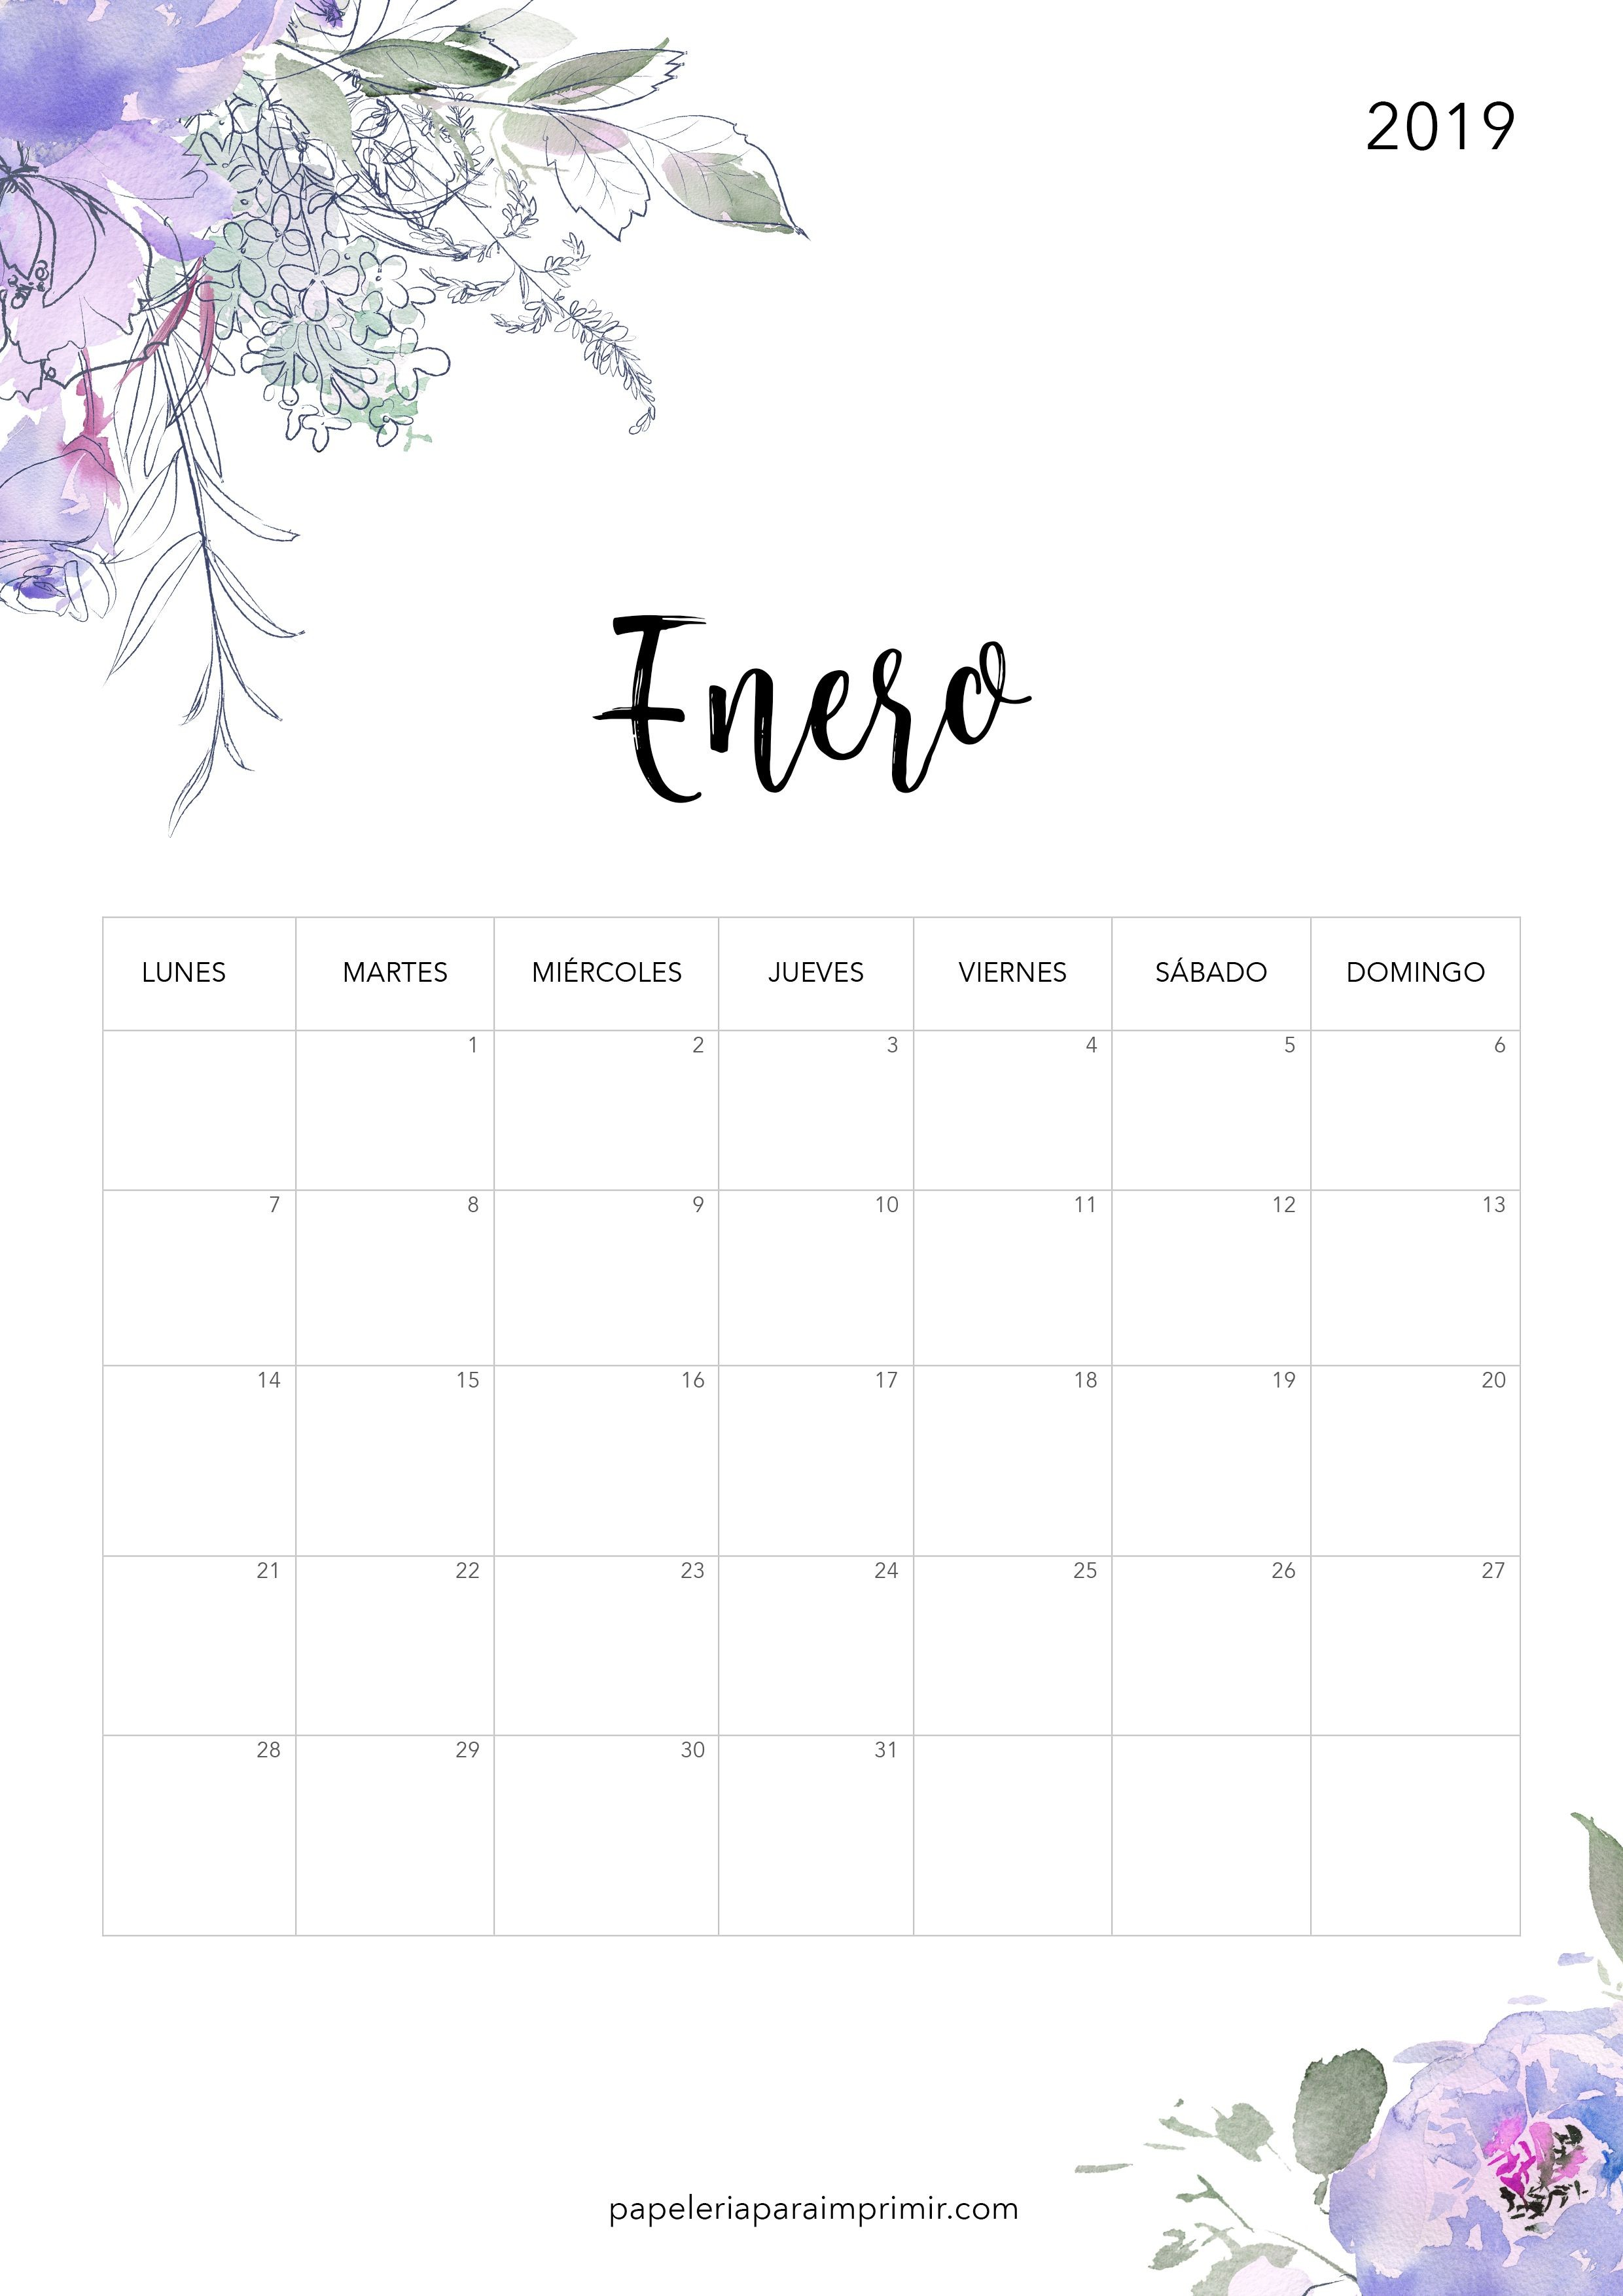 Calendario para imprimir 2019 Enero calendario imprimir enero gratis freebie